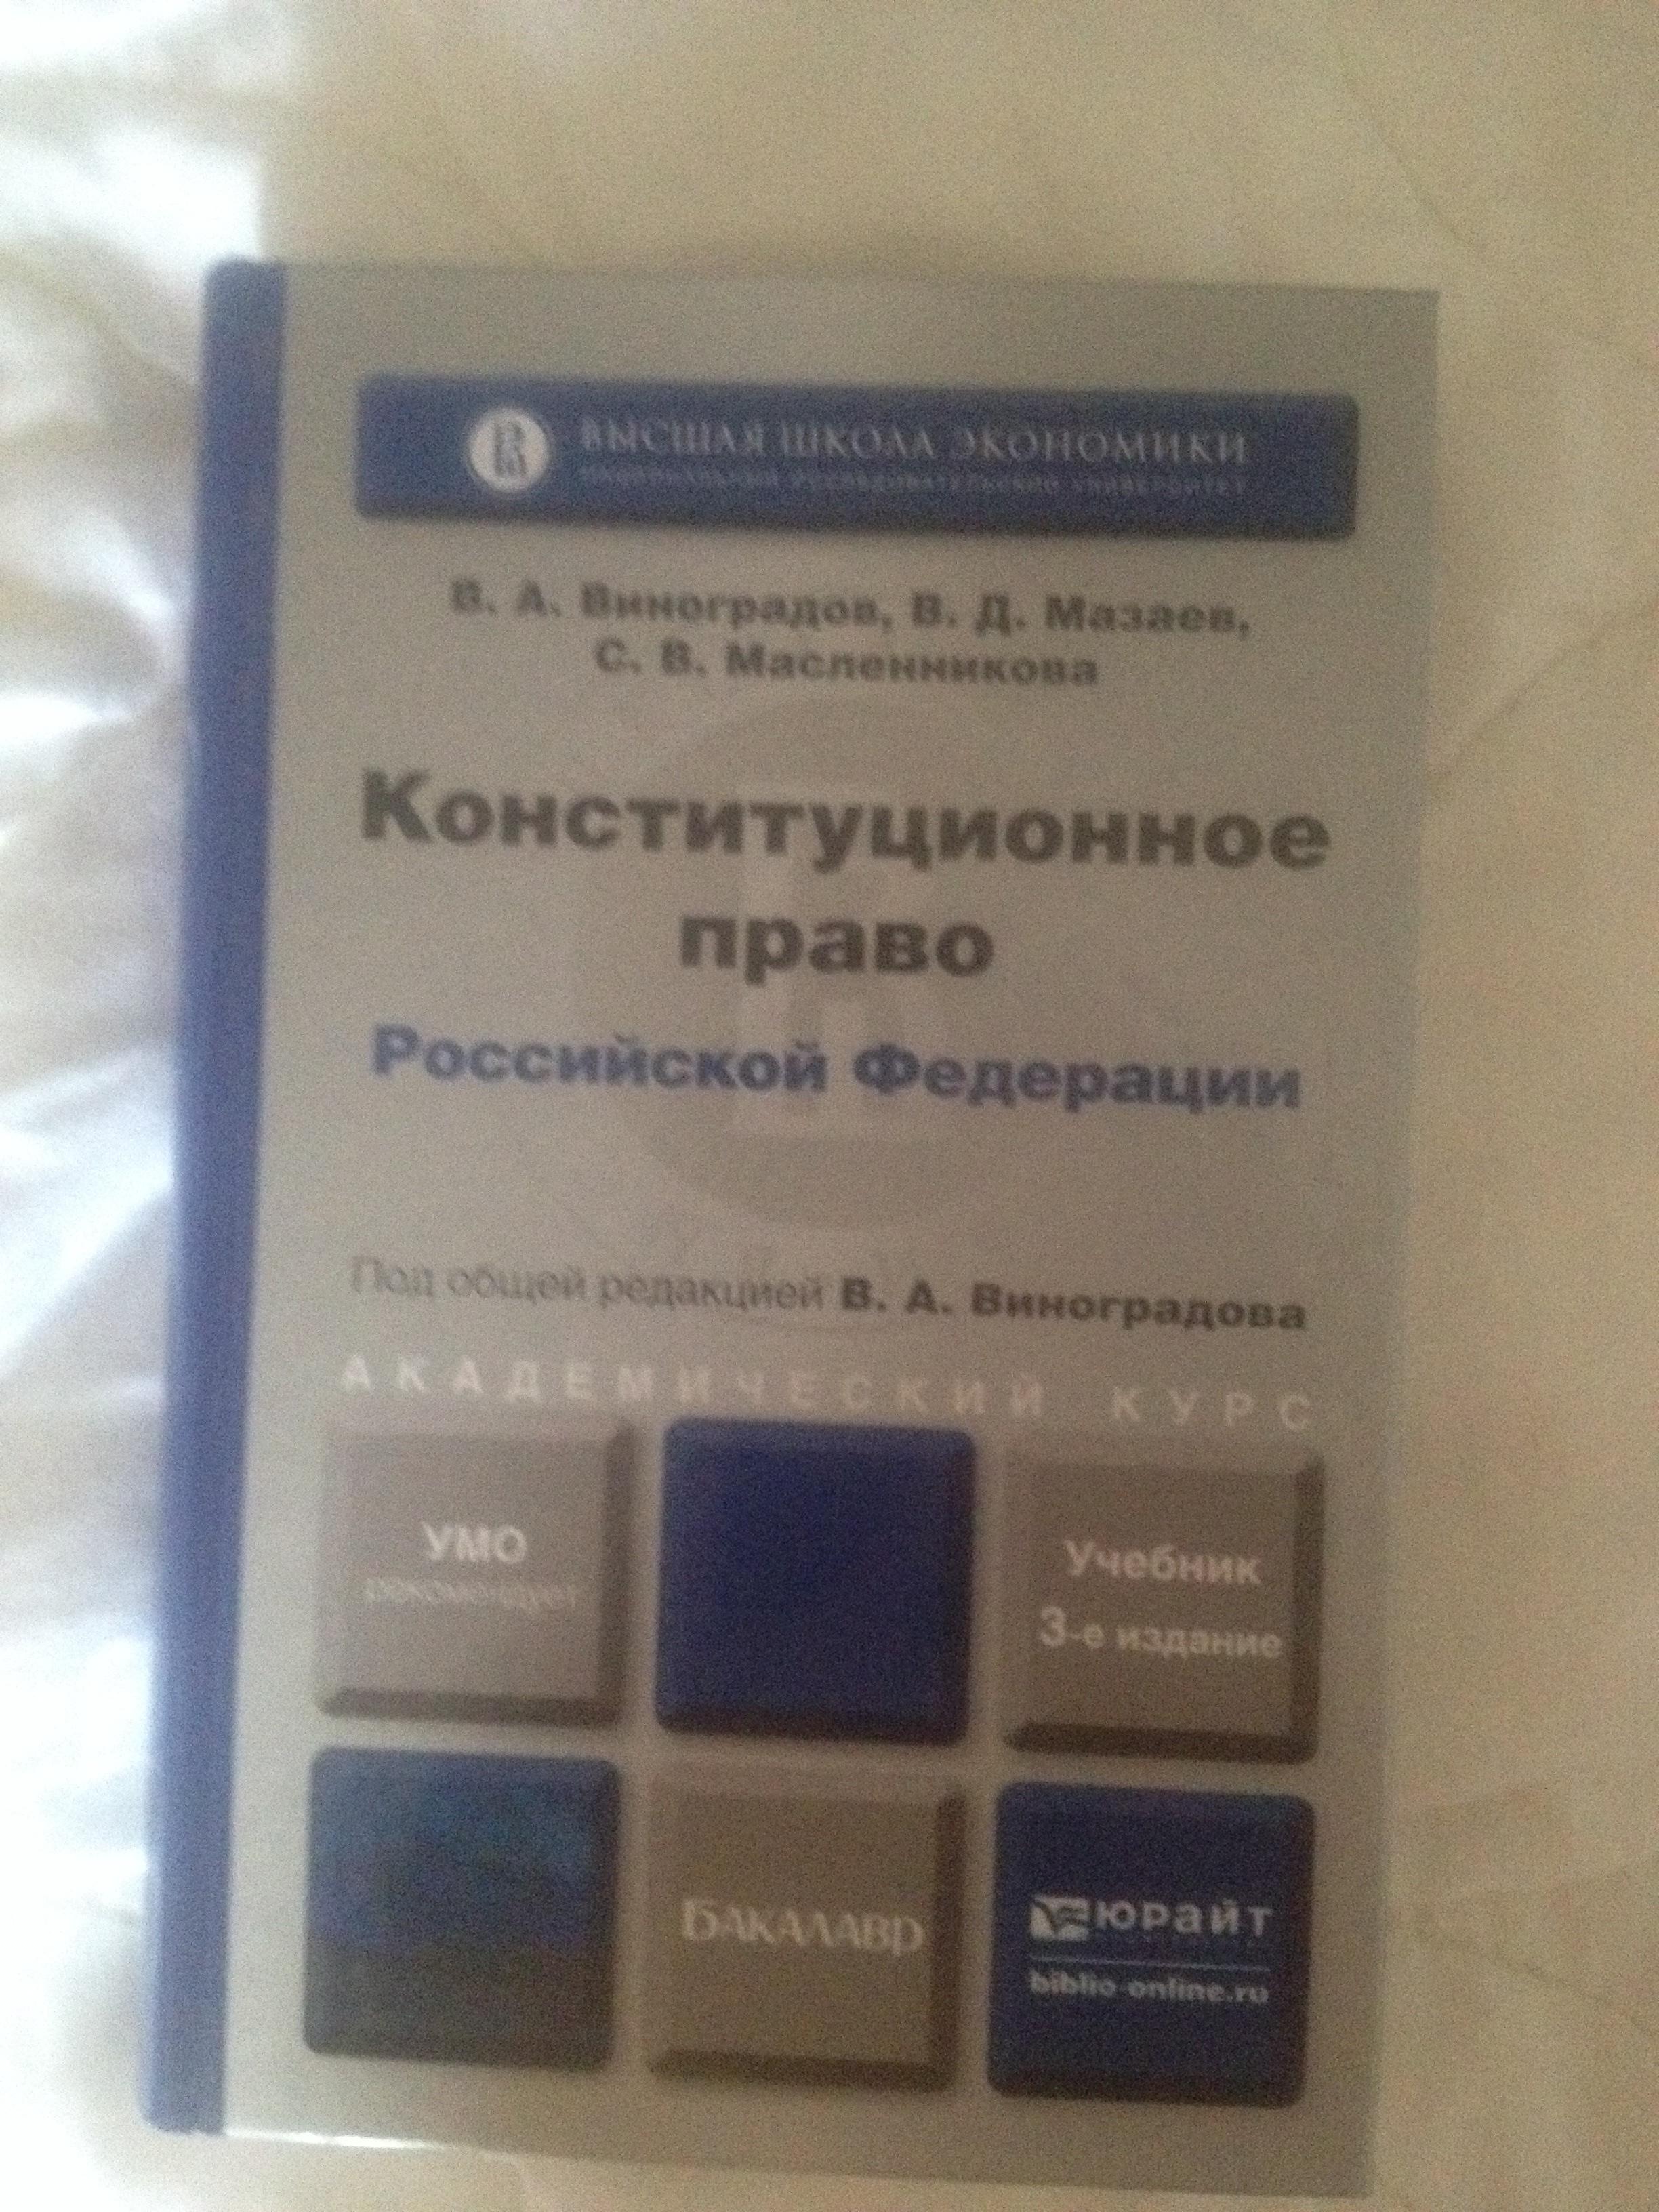 Конституционное право Российской Федерации: учебник для академического бакалавриата